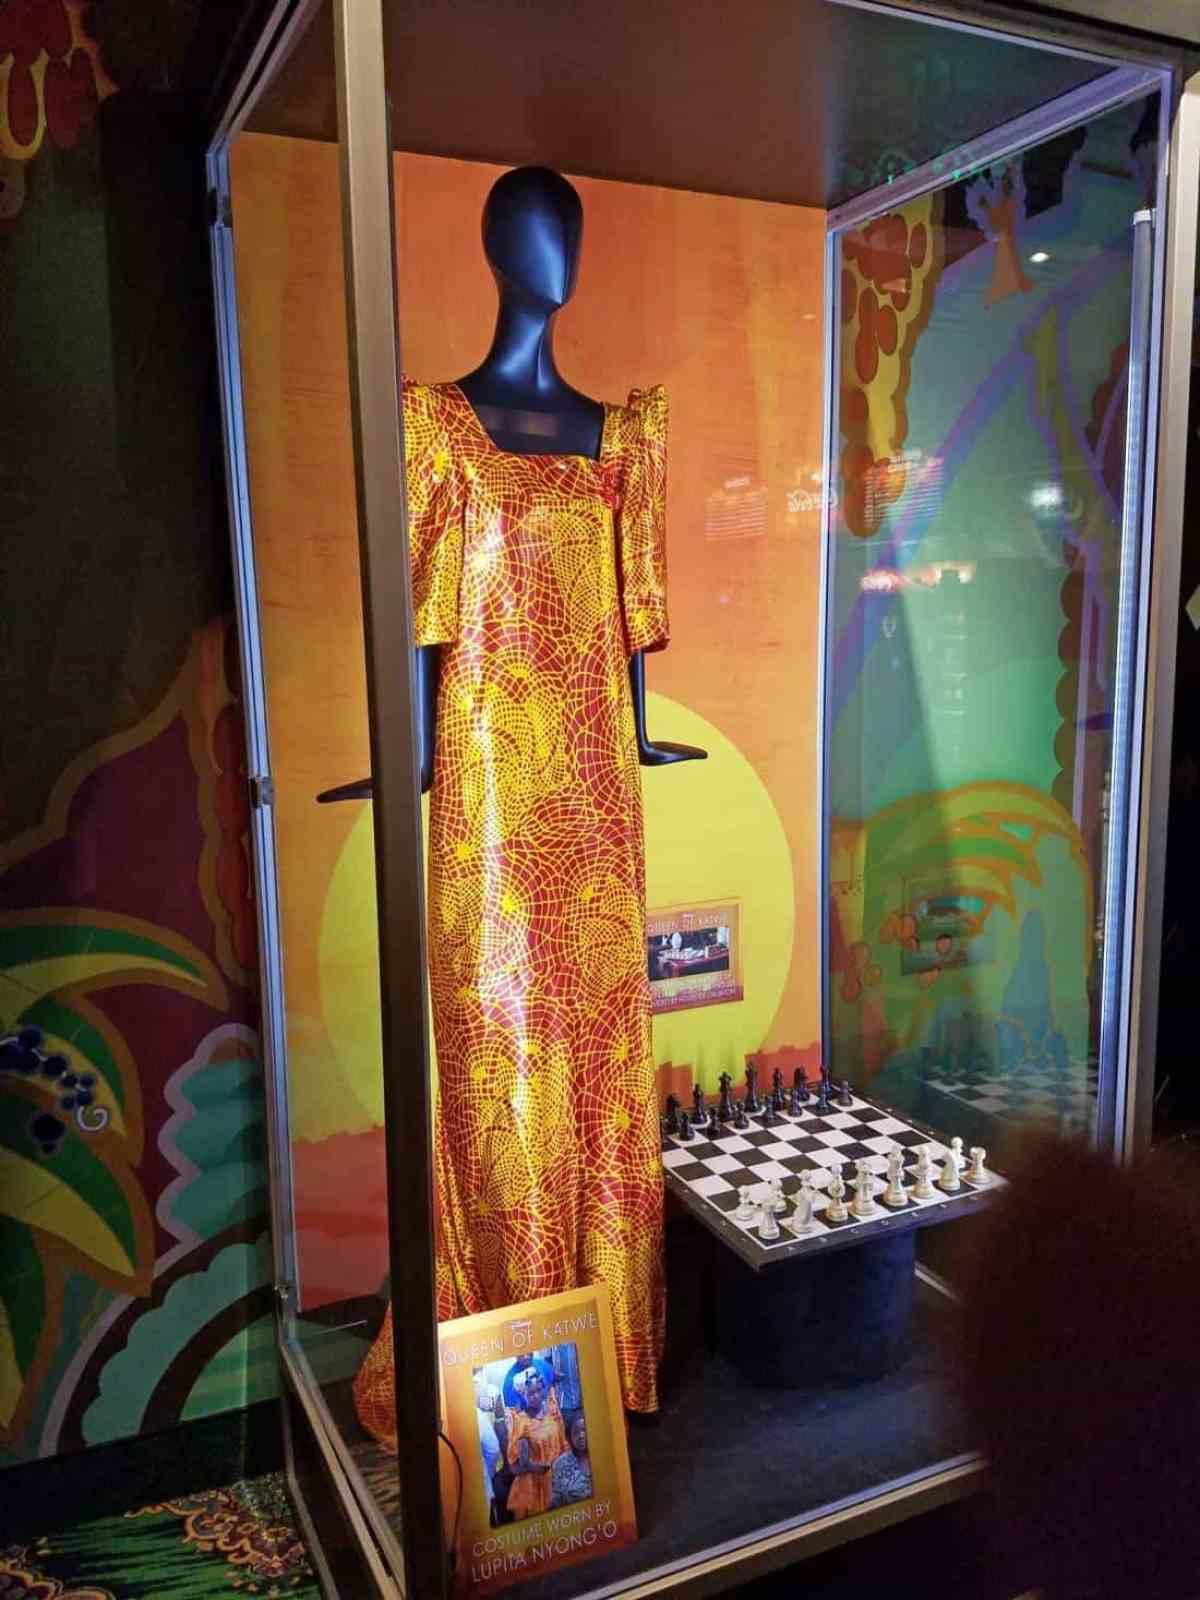 Ugandan dress worn by Lupita Nyong'o on display in the lobby of El Capitan Theater.